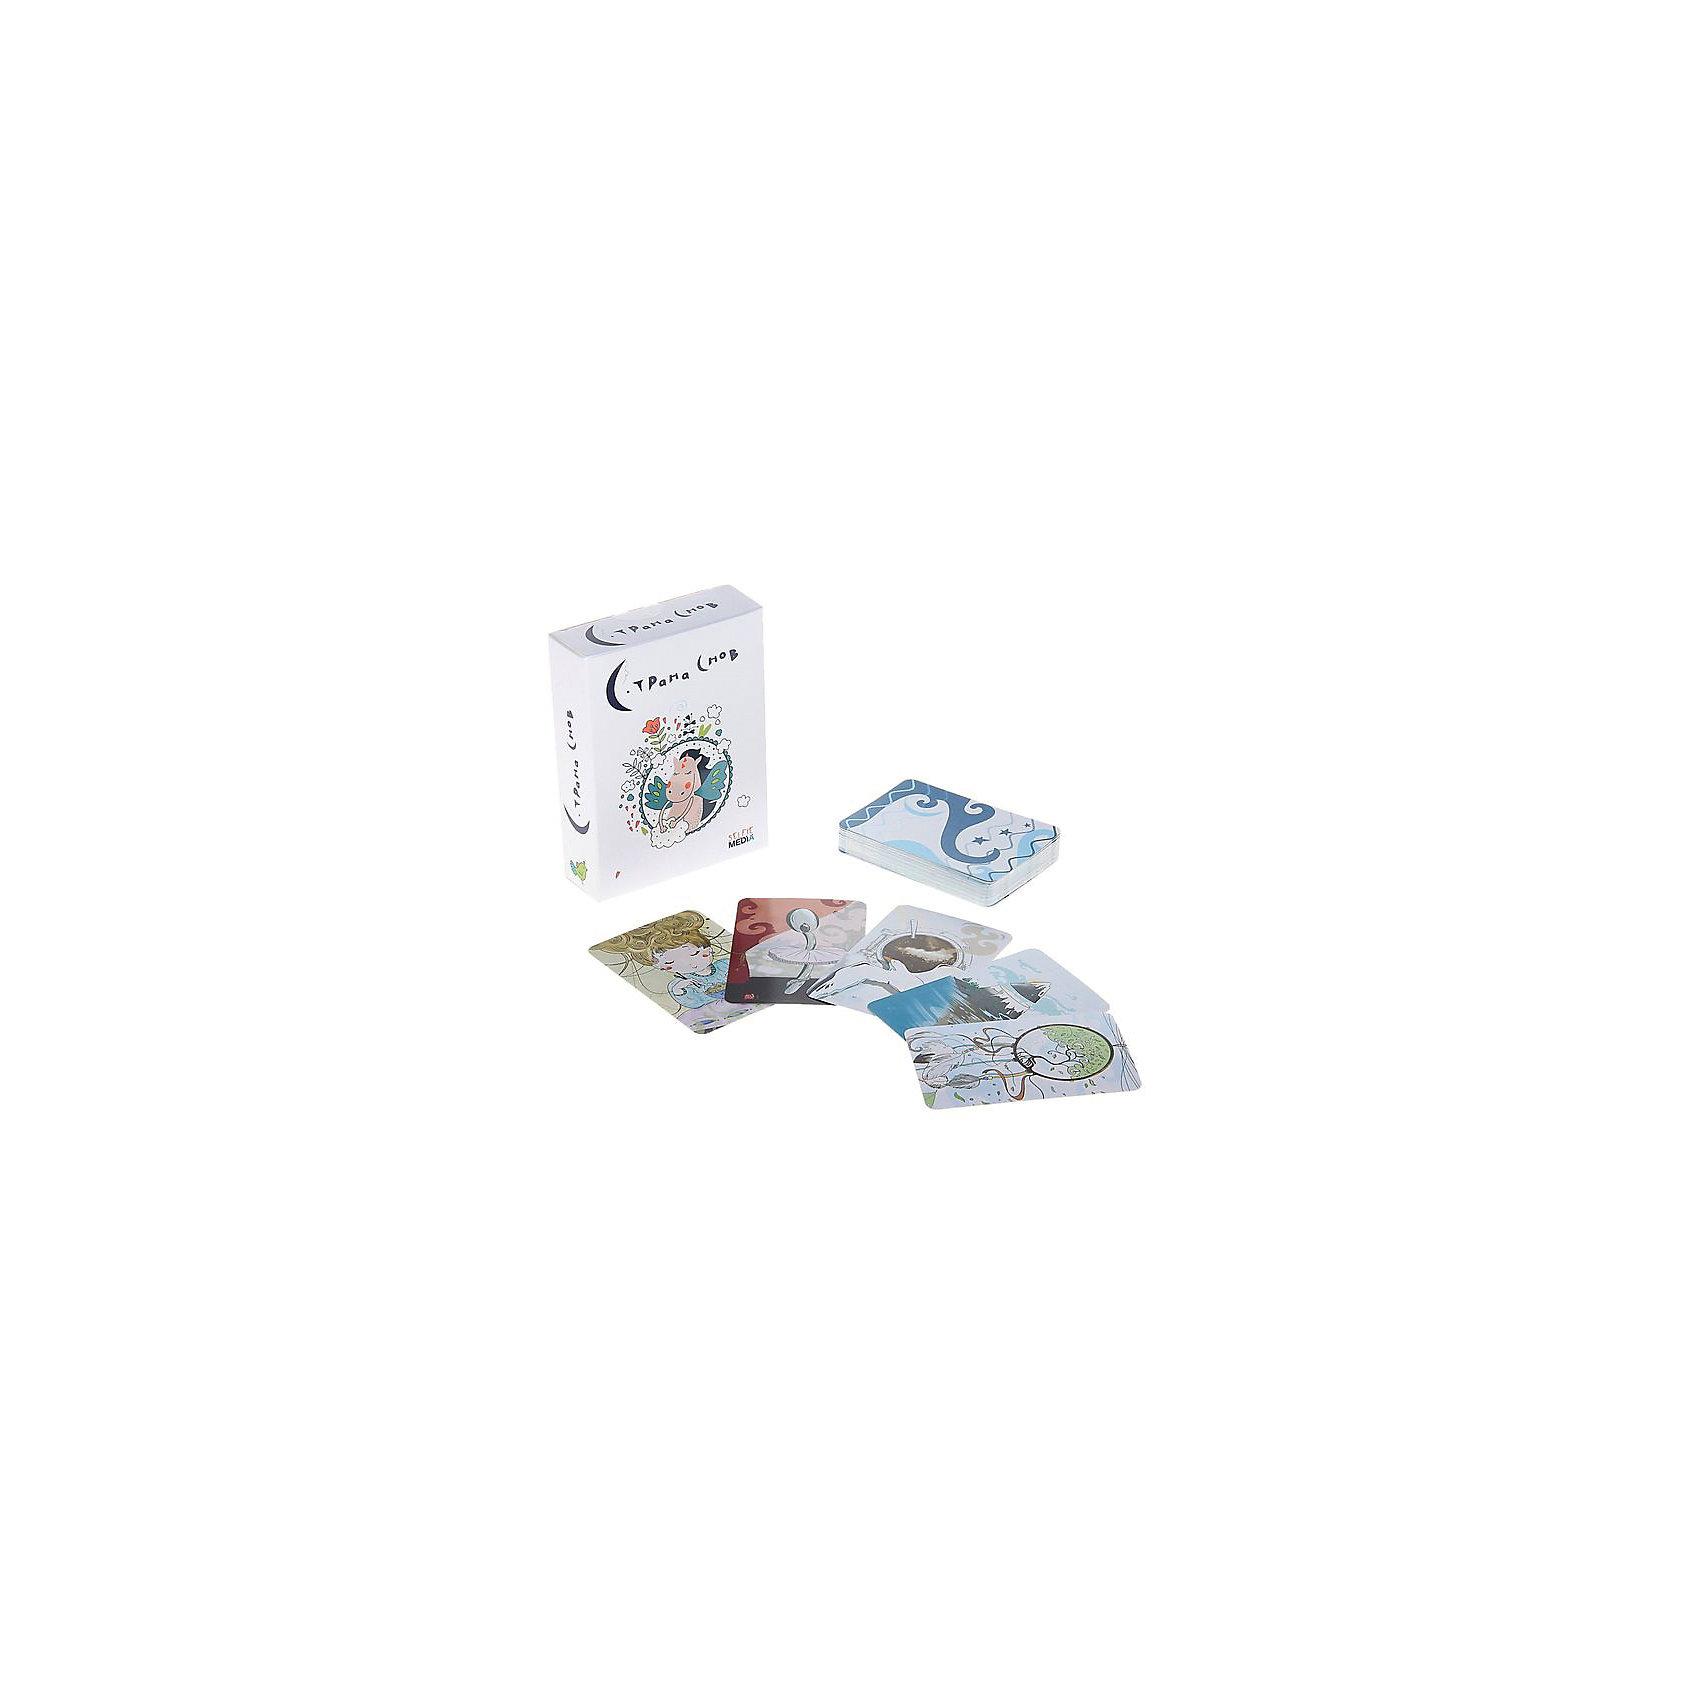 Настольная игра «Страна Снов», Selfie mediaНастольные игры для всей семьи<br>Характеристики товара:<br><br>• возраст от 7 лет;<br>• материал: картон;<br>• количество игроков: 2-6<br>• продолжительность игры: 20 минут и более<br>• в наборе: 46 карточек, карта «ловец снов», инструкция;<br>• размер упаковки 12х9,2х3,5 см;<br>• вес упаковки 90 гр.;<br>• страна производитель Россия.<br><br>Настольная игра «Страна снов» Selfie media — увлекательная игра для детей от 7 лет, которая позволит весело провести время в компании друзей или в кругу семьи. Часть карточек раскладывается на поверхности картинкой наверх, другая часть карточек, наоборот, картинкой вниз. Ведущий выбирает одну карточку и рассказывает свой сон остальным, фантазируя, придумывая оригинальные истории. Остальные участники должны найти карточку, которая олицетворяет сон ведущего. Игра тренирует воображение, фантази, смекалку и сообразительность. <br><br>Настольную игру «Страна снов» Selfie media можно приобрести в нашем интернет-магазине.<br><br>Ширина мм: 35<br>Глубина мм: 92<br>Высота мм: 120<br>Вес г: 90<br>Возраст от месяцев: 84<br>Возраст до месяцев: 2147483647<br>Пол: Унисекс<br>Возраст: Детский<br>SKU: 5578429